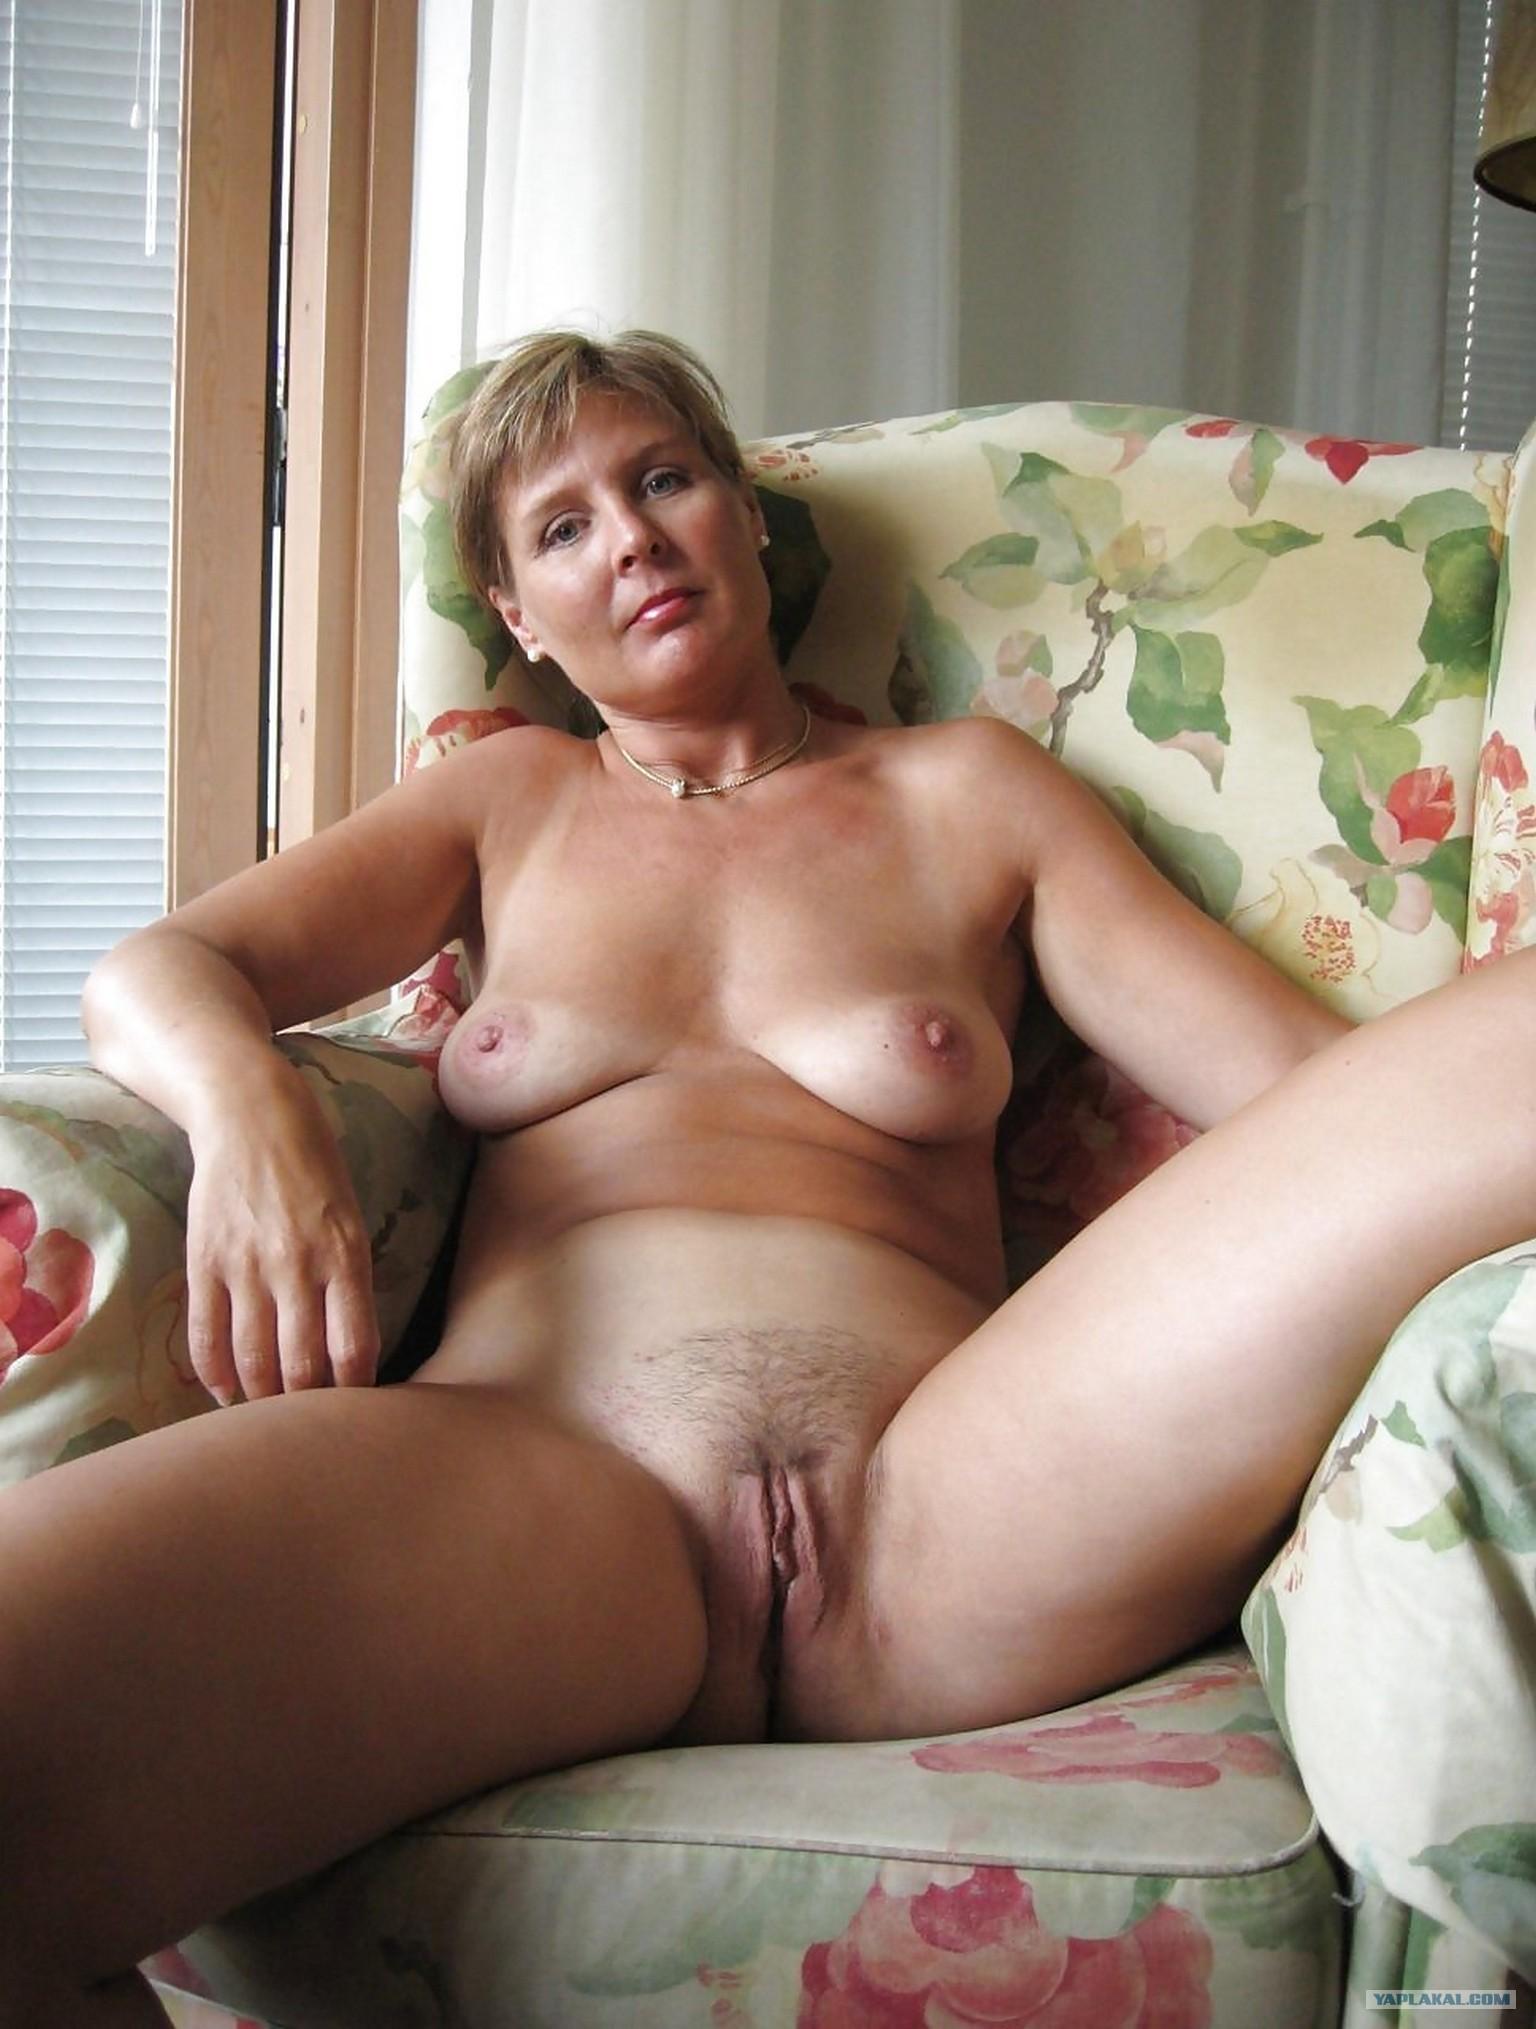 Секс с взрослыми волосатыми женщинами фото 181-376